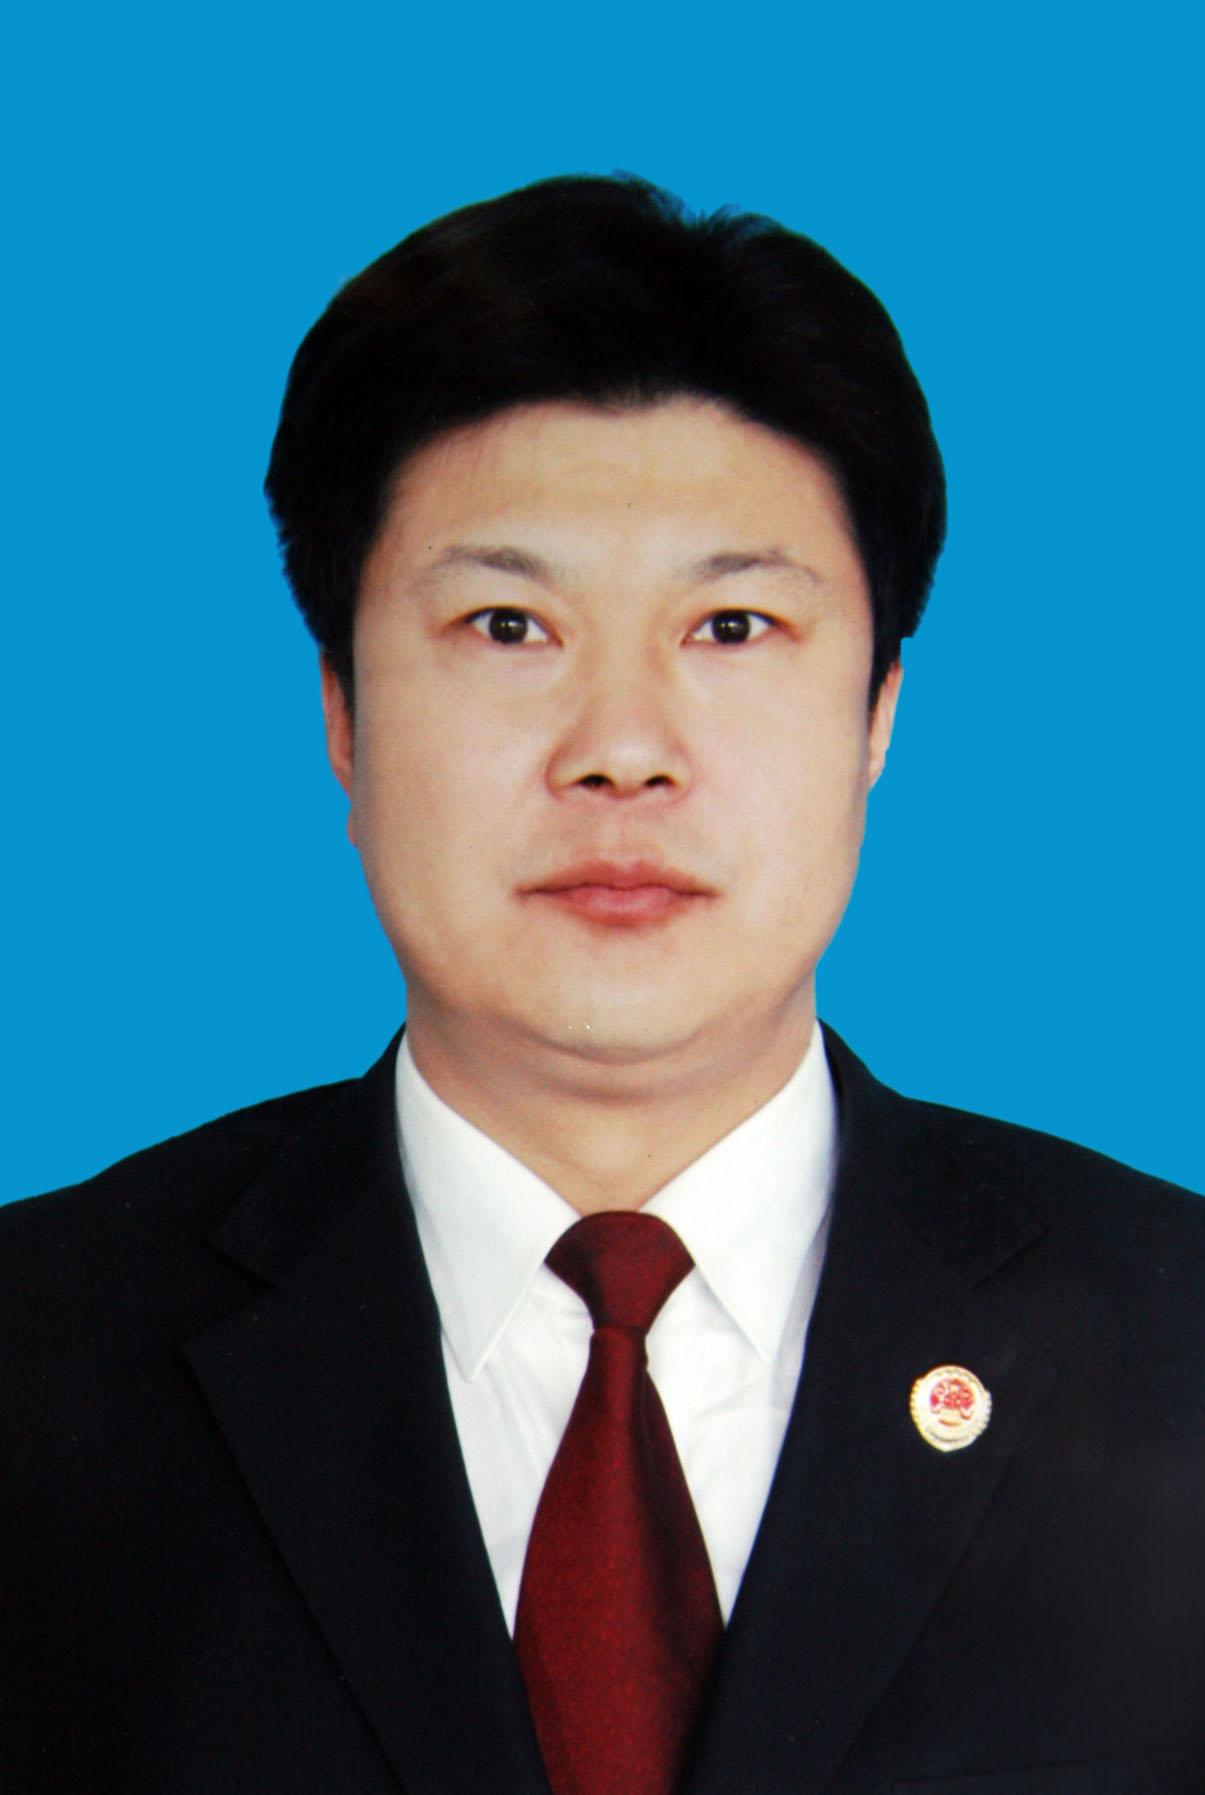 李森林简历_院领导信息吉林省敦化市人民检察院